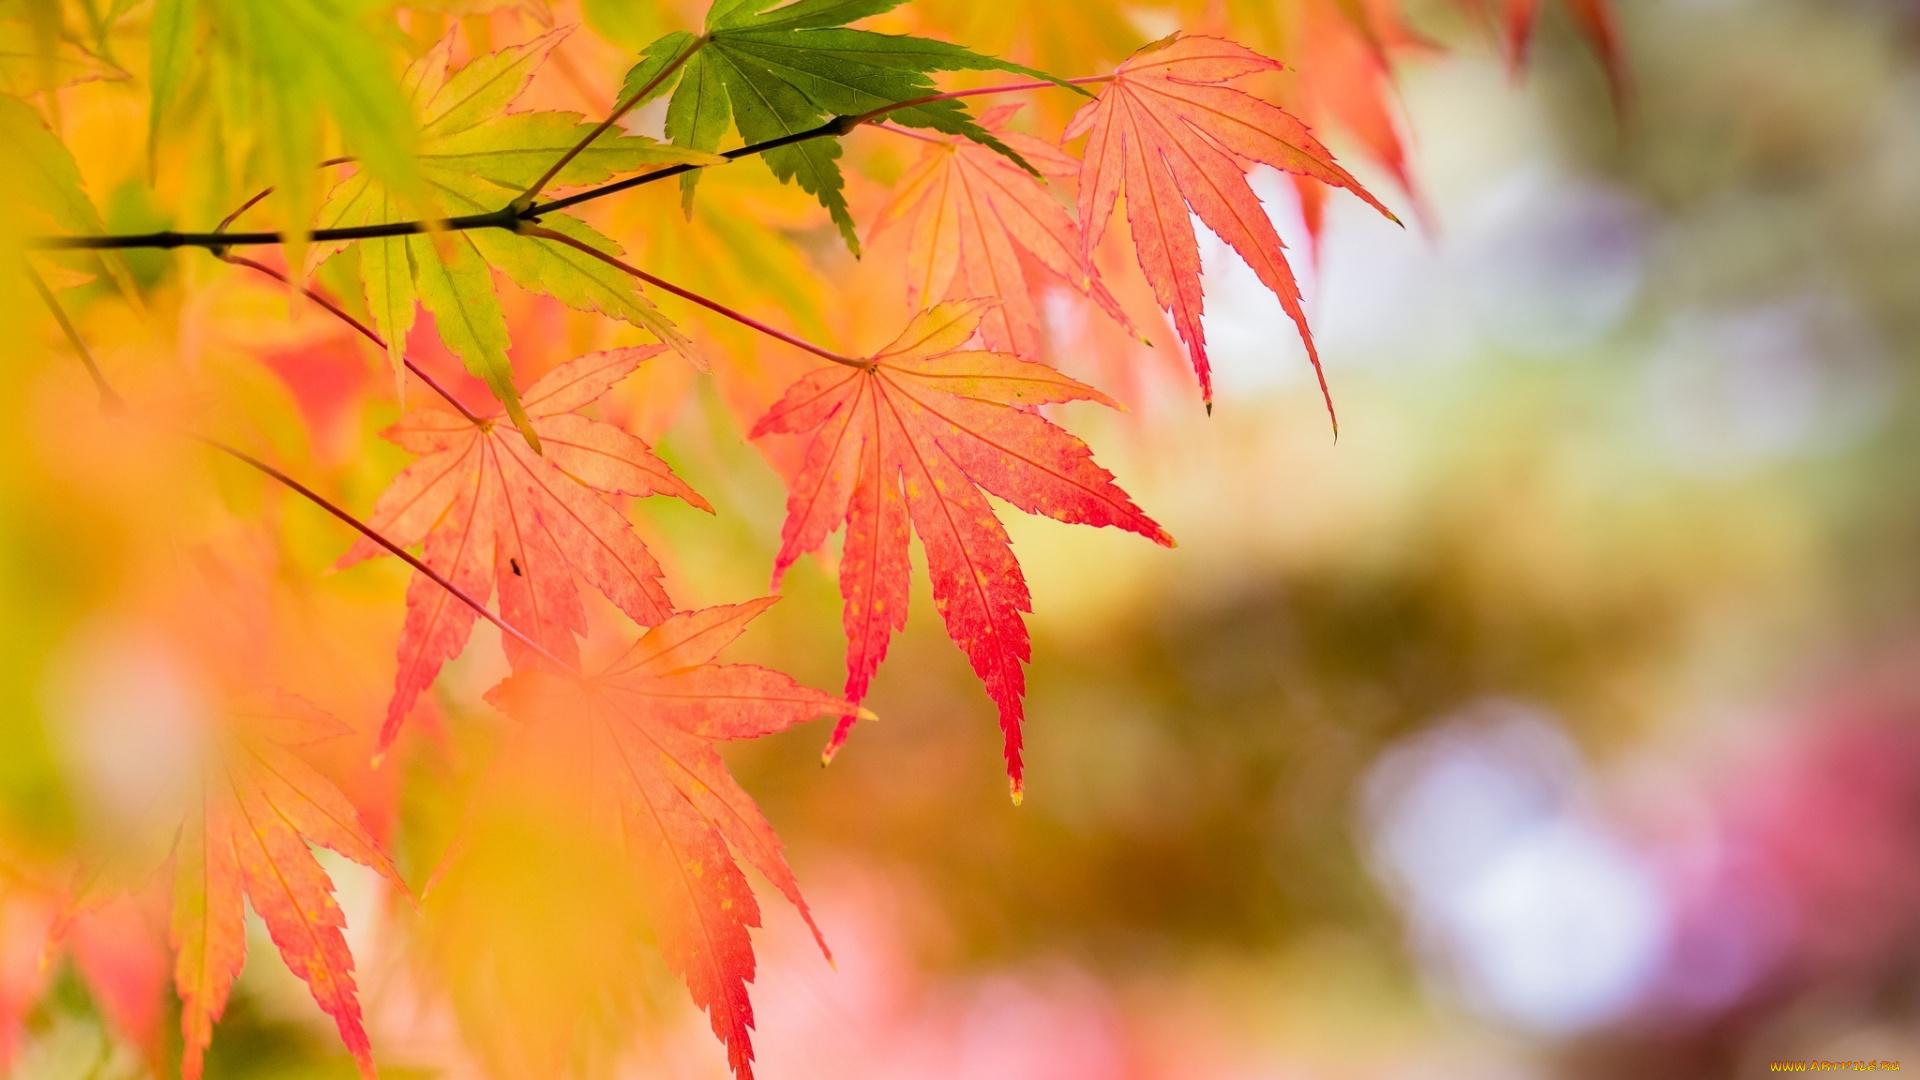 природа лист осень  № 543266 загрузить